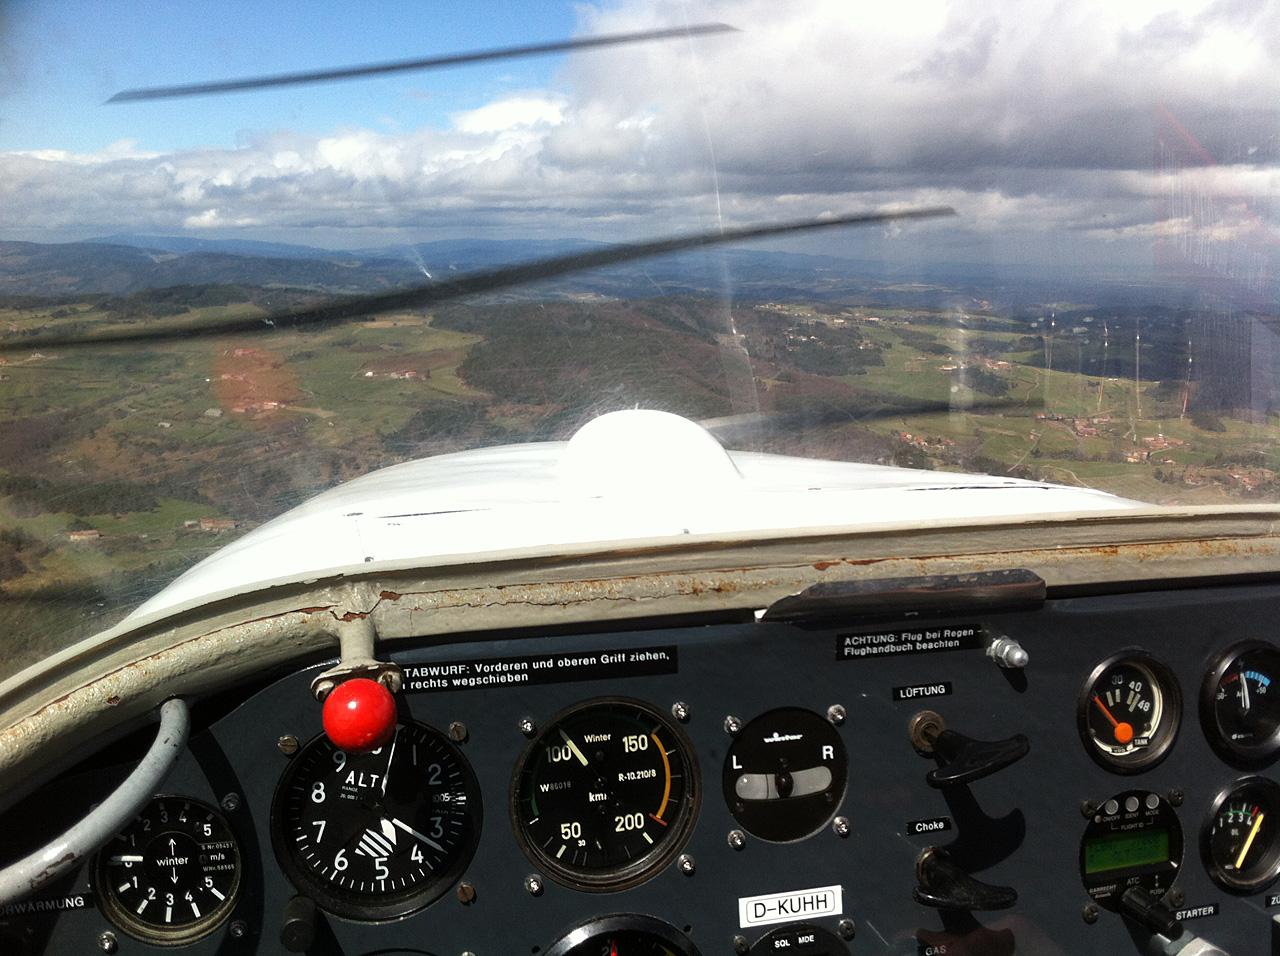 0462-Wetterflug-Propeller